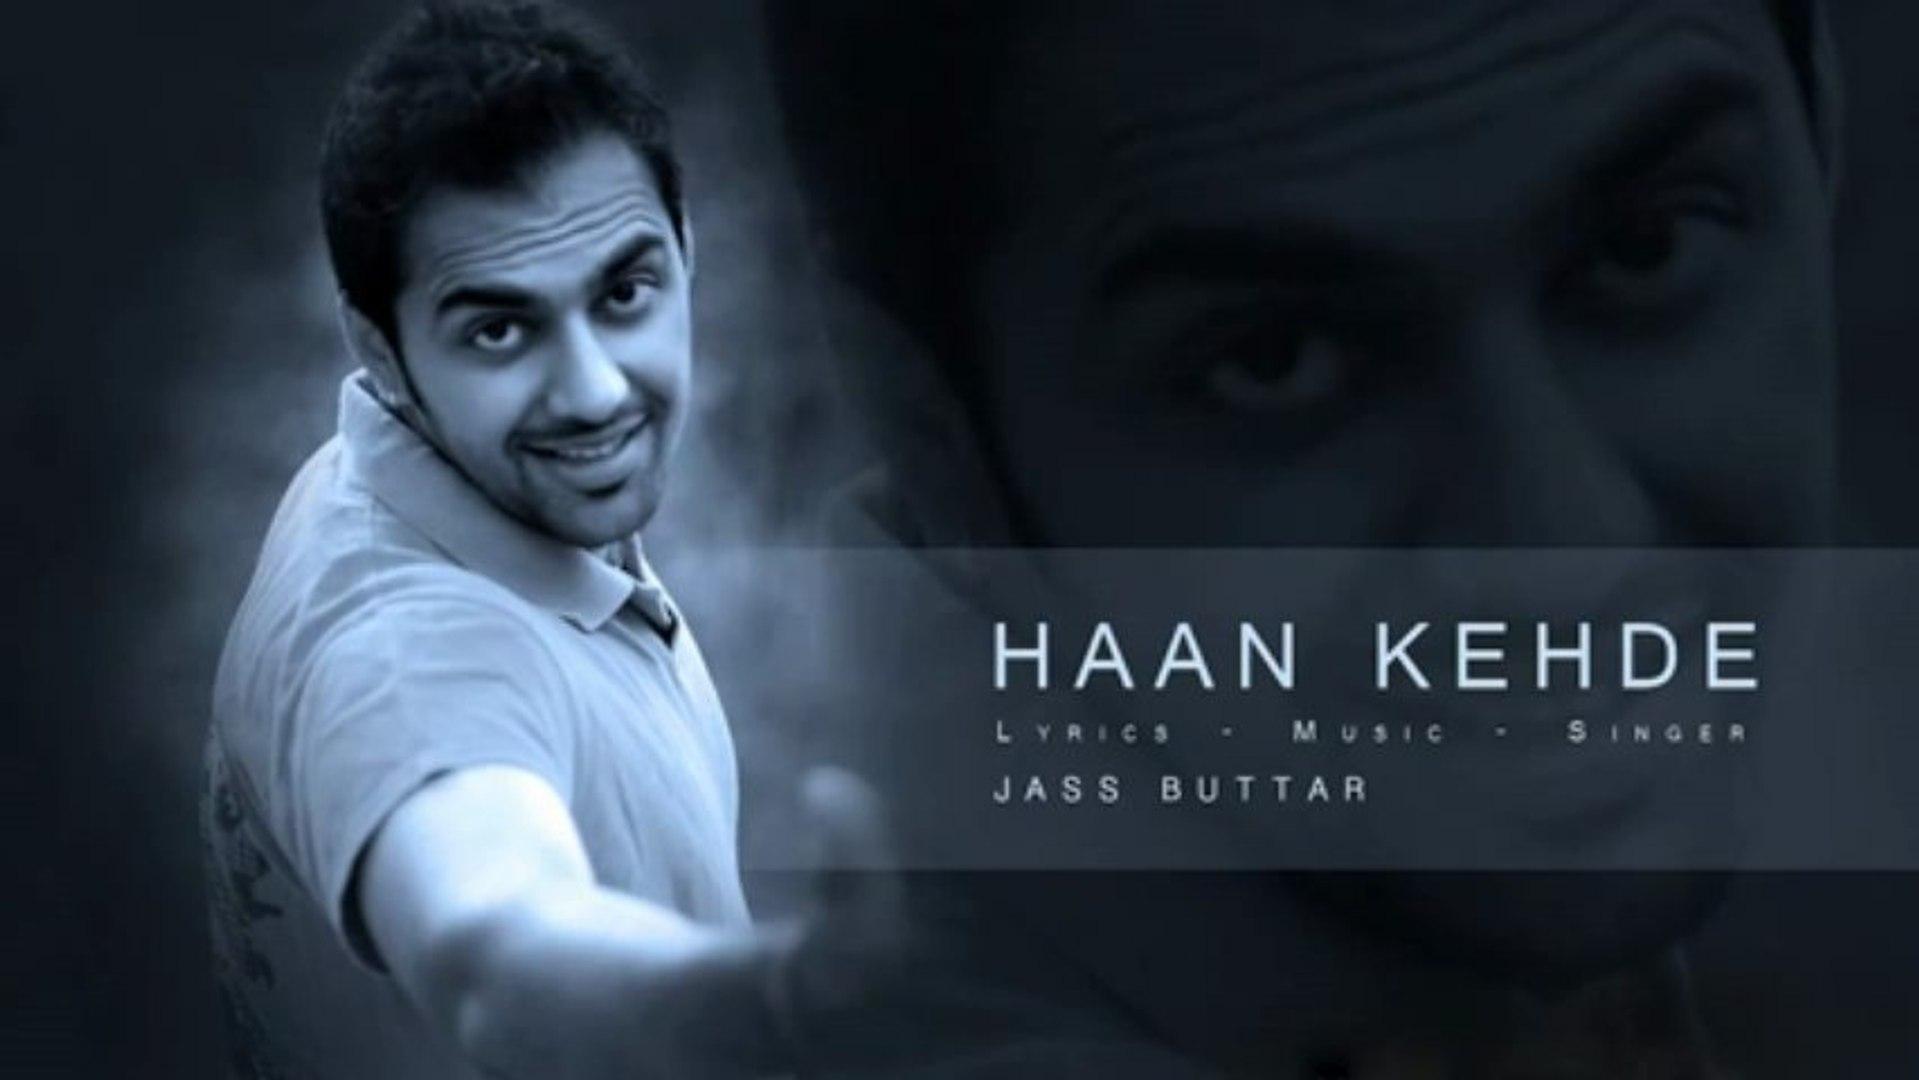 New Punjabi Song | HAAN KEHDE by JASS BUTTAR | Punjabi Songs 2013 Latest | Punjabi Songs